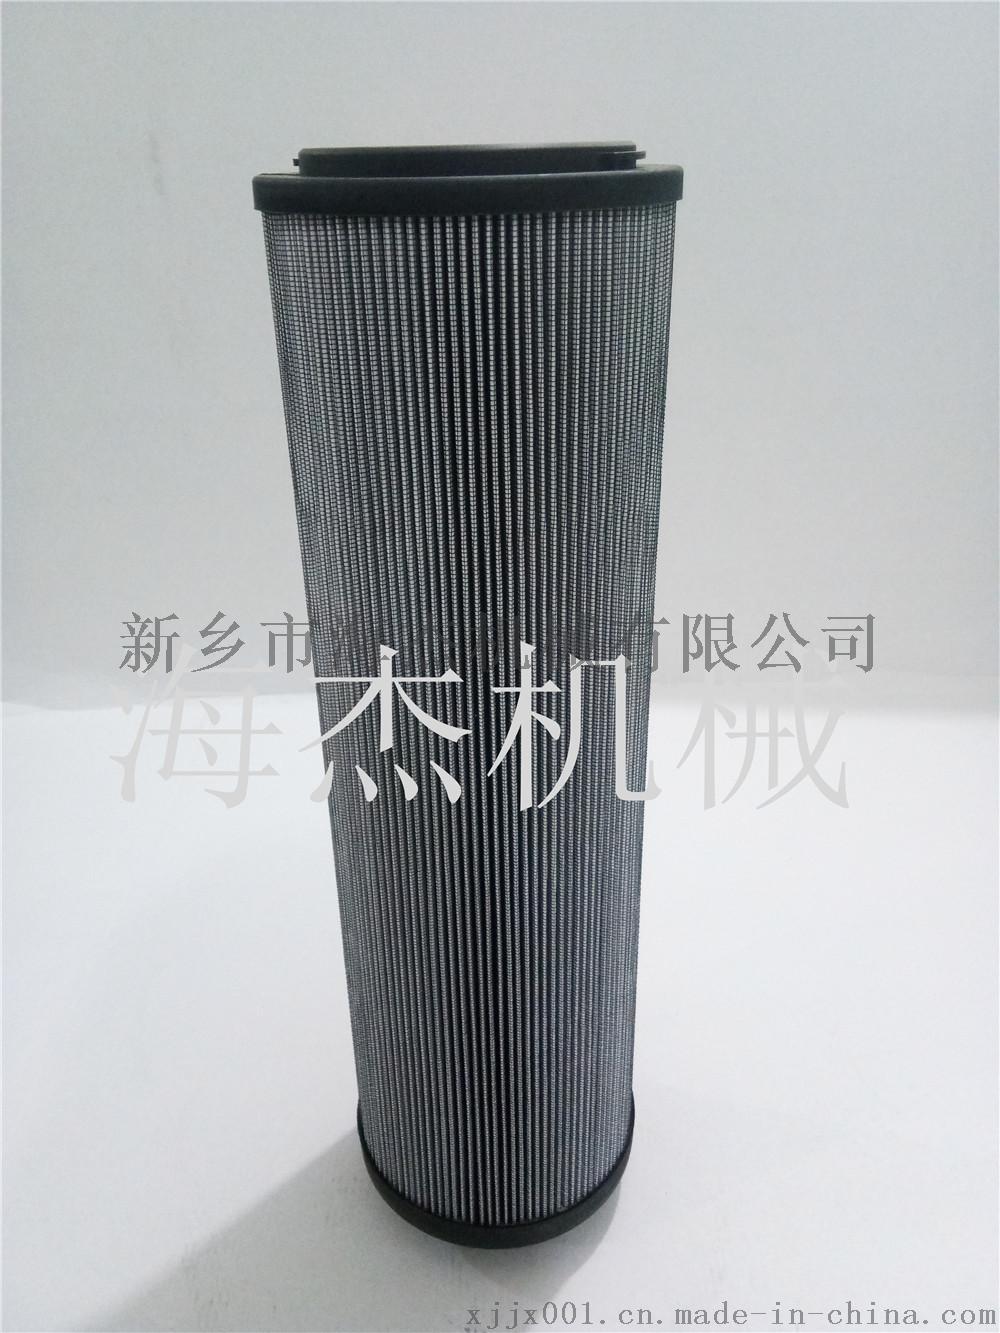 翡翠HP3203P03AN工作濾芯現貨出售738821242